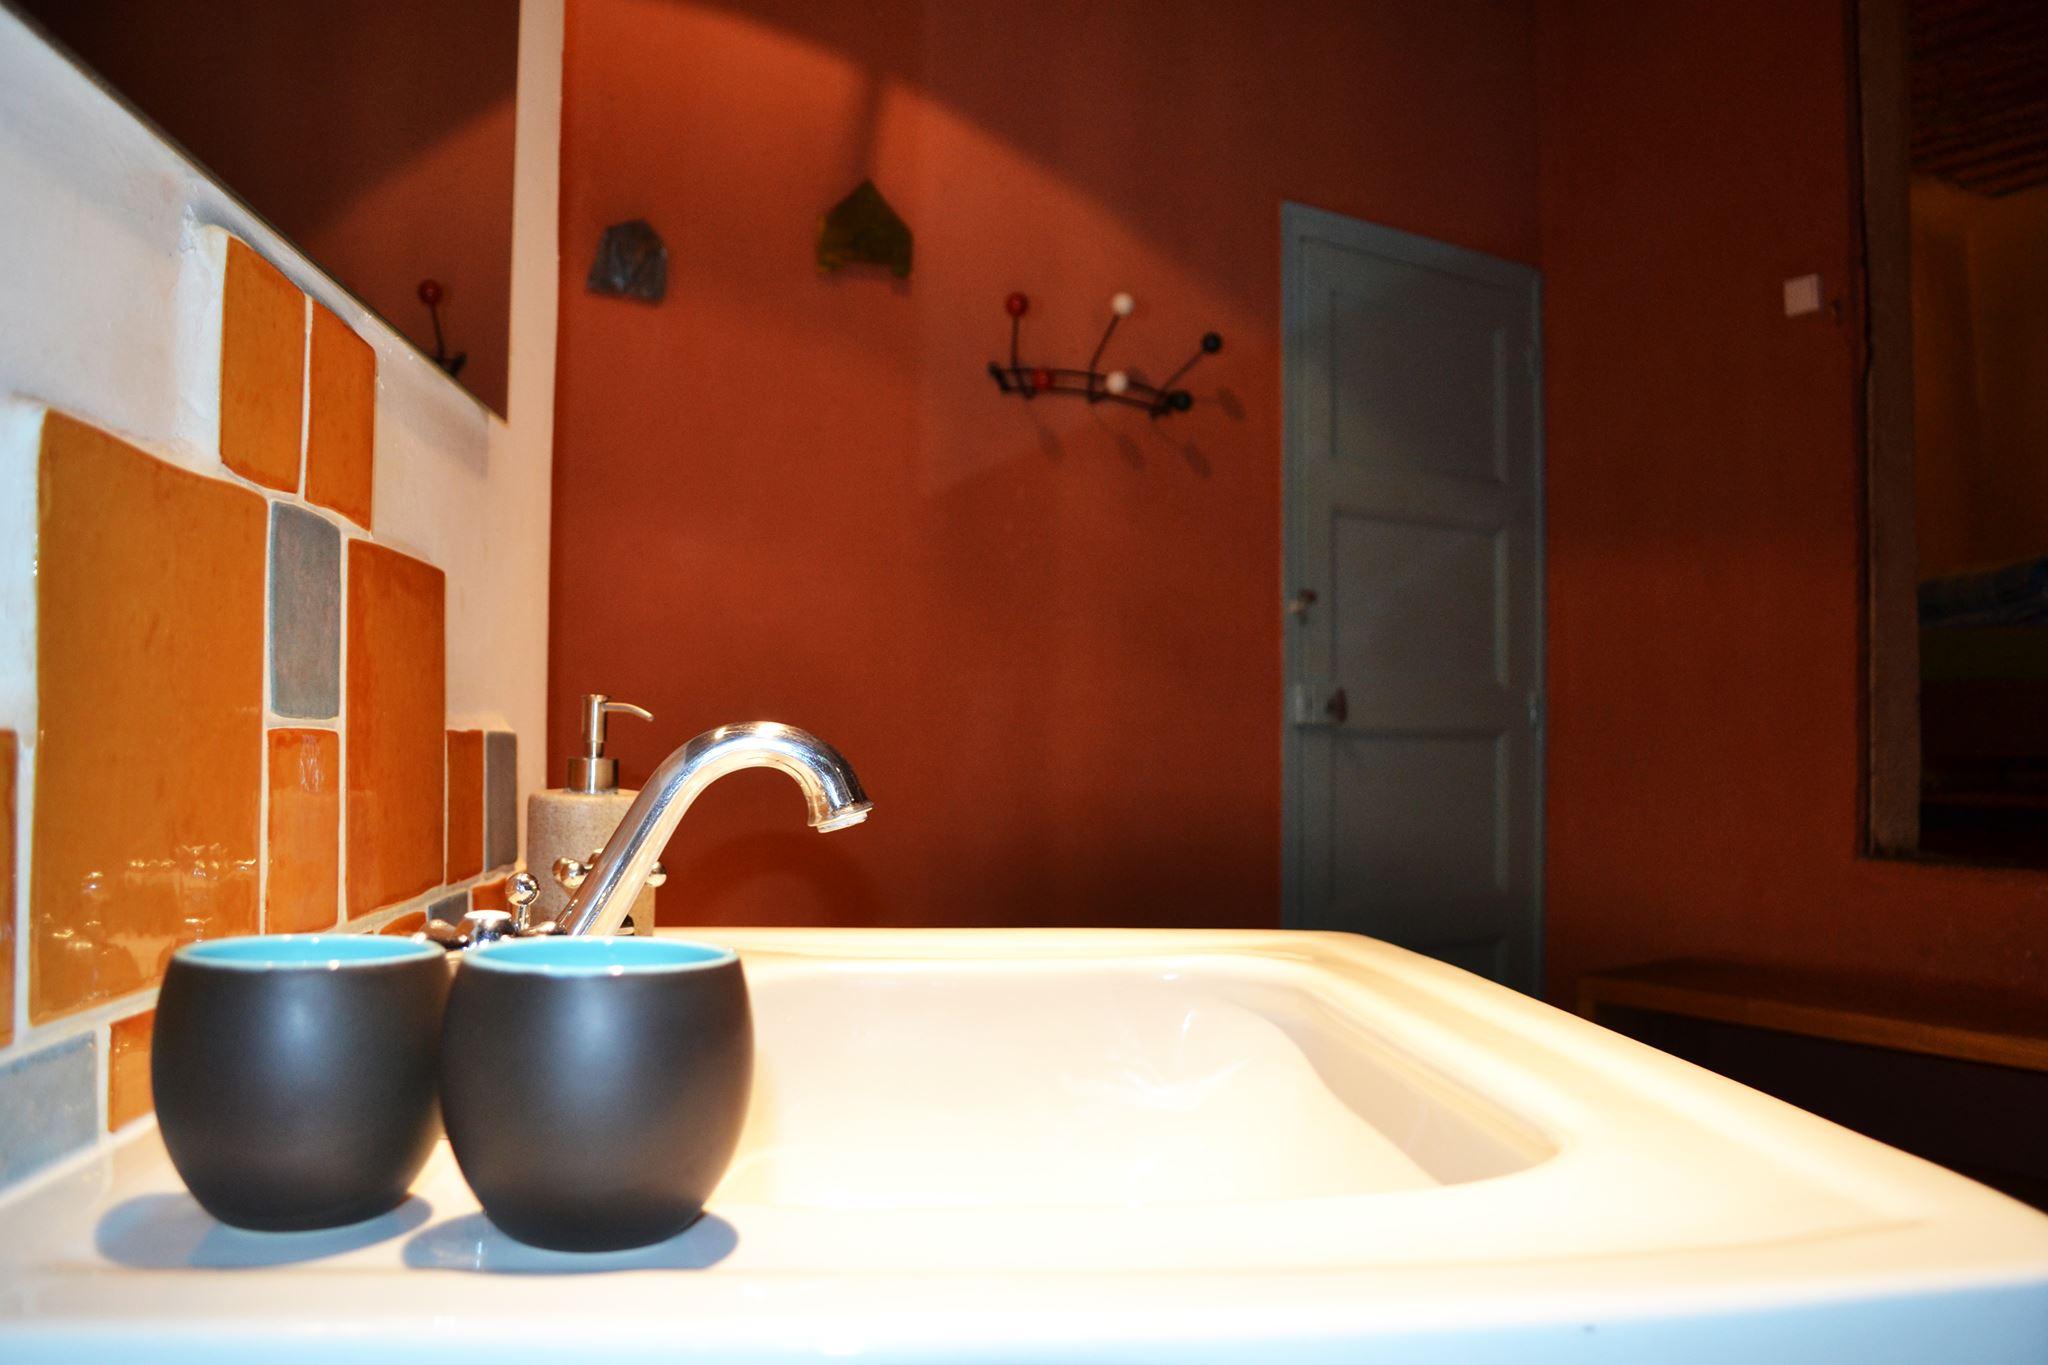 Chambres d'hôtes Aretz durfort et saint martin de sossenac 30170 N° 1